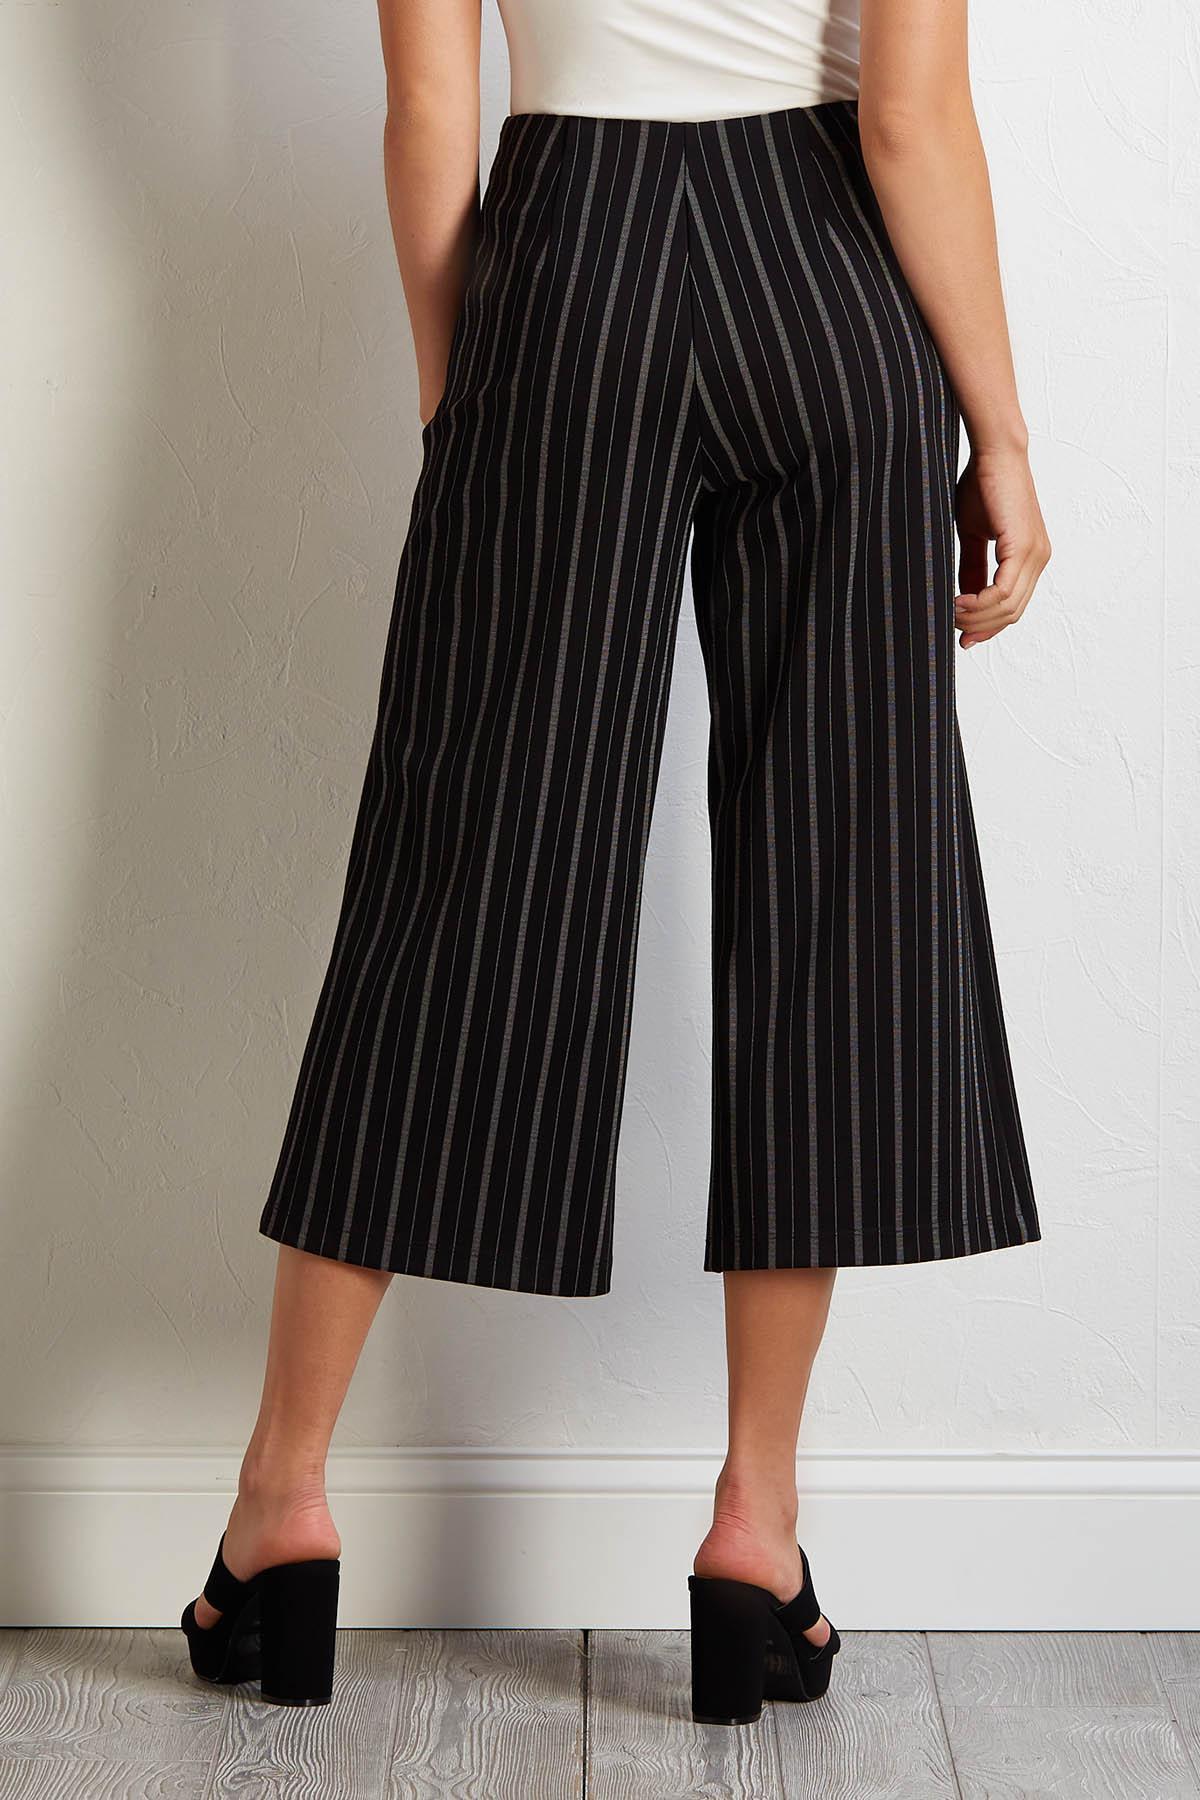 Cropped Menswear Pants